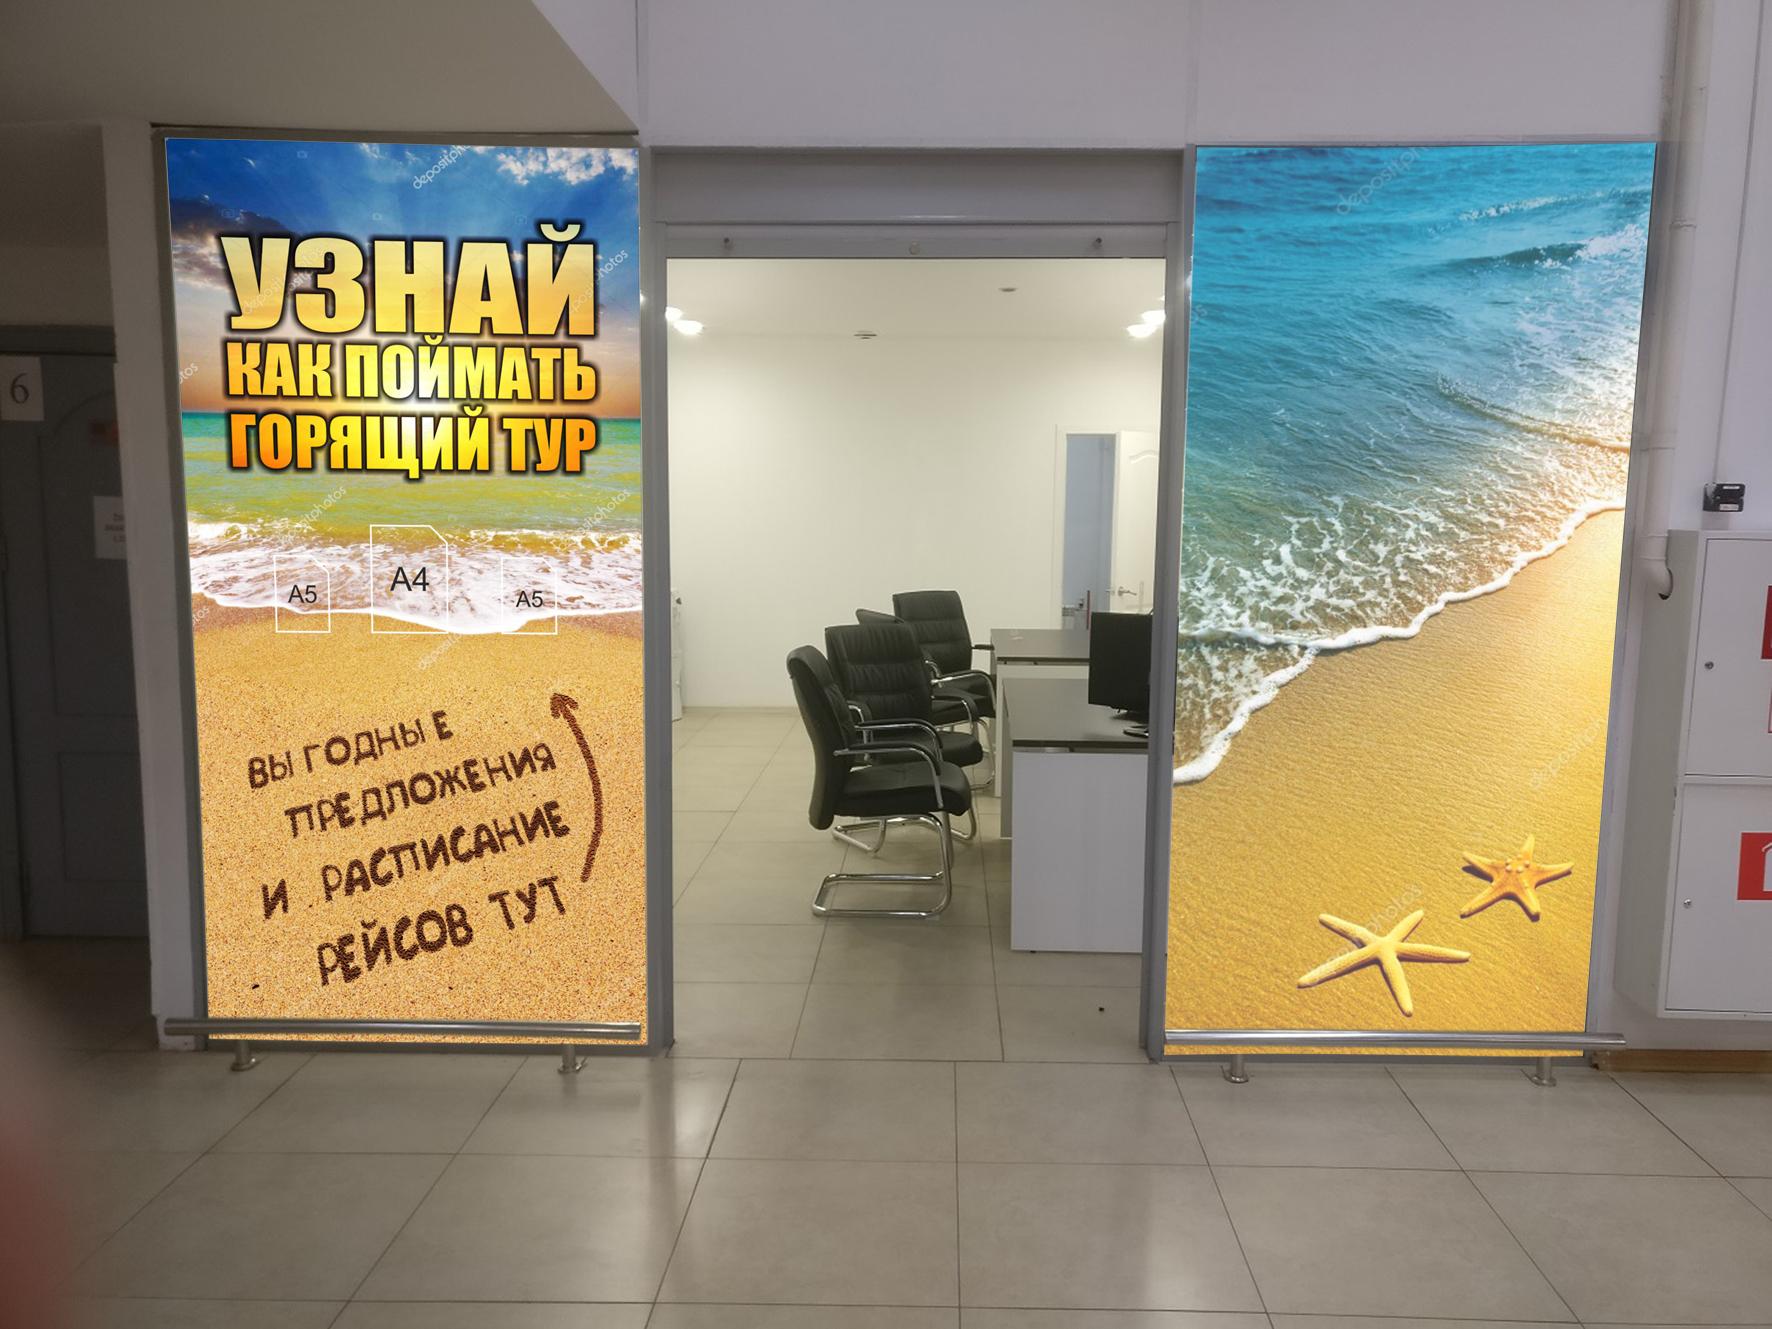 Дизайн двух плакатов фото f_5135a0783b63ecae.jpg